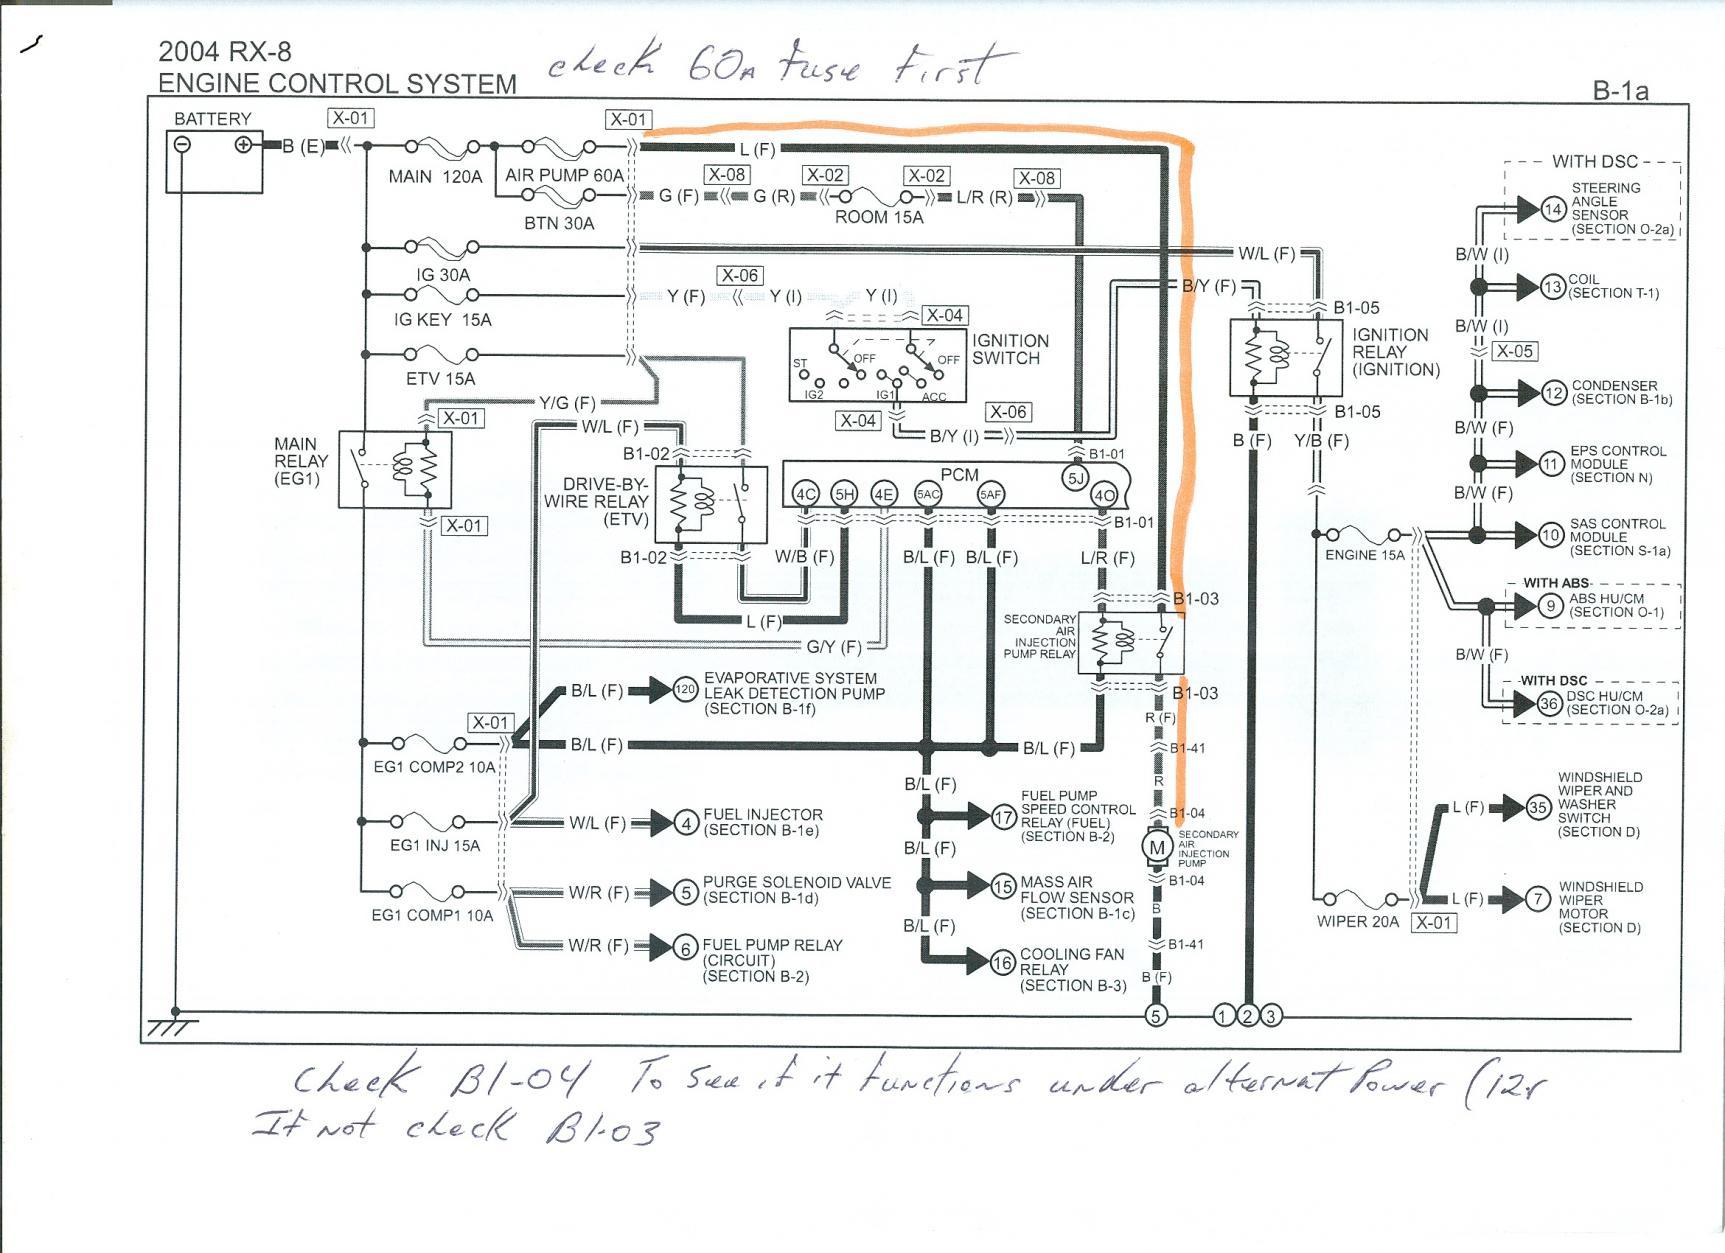 Code P Intake Manifold Tuning Valve Control Low Bank